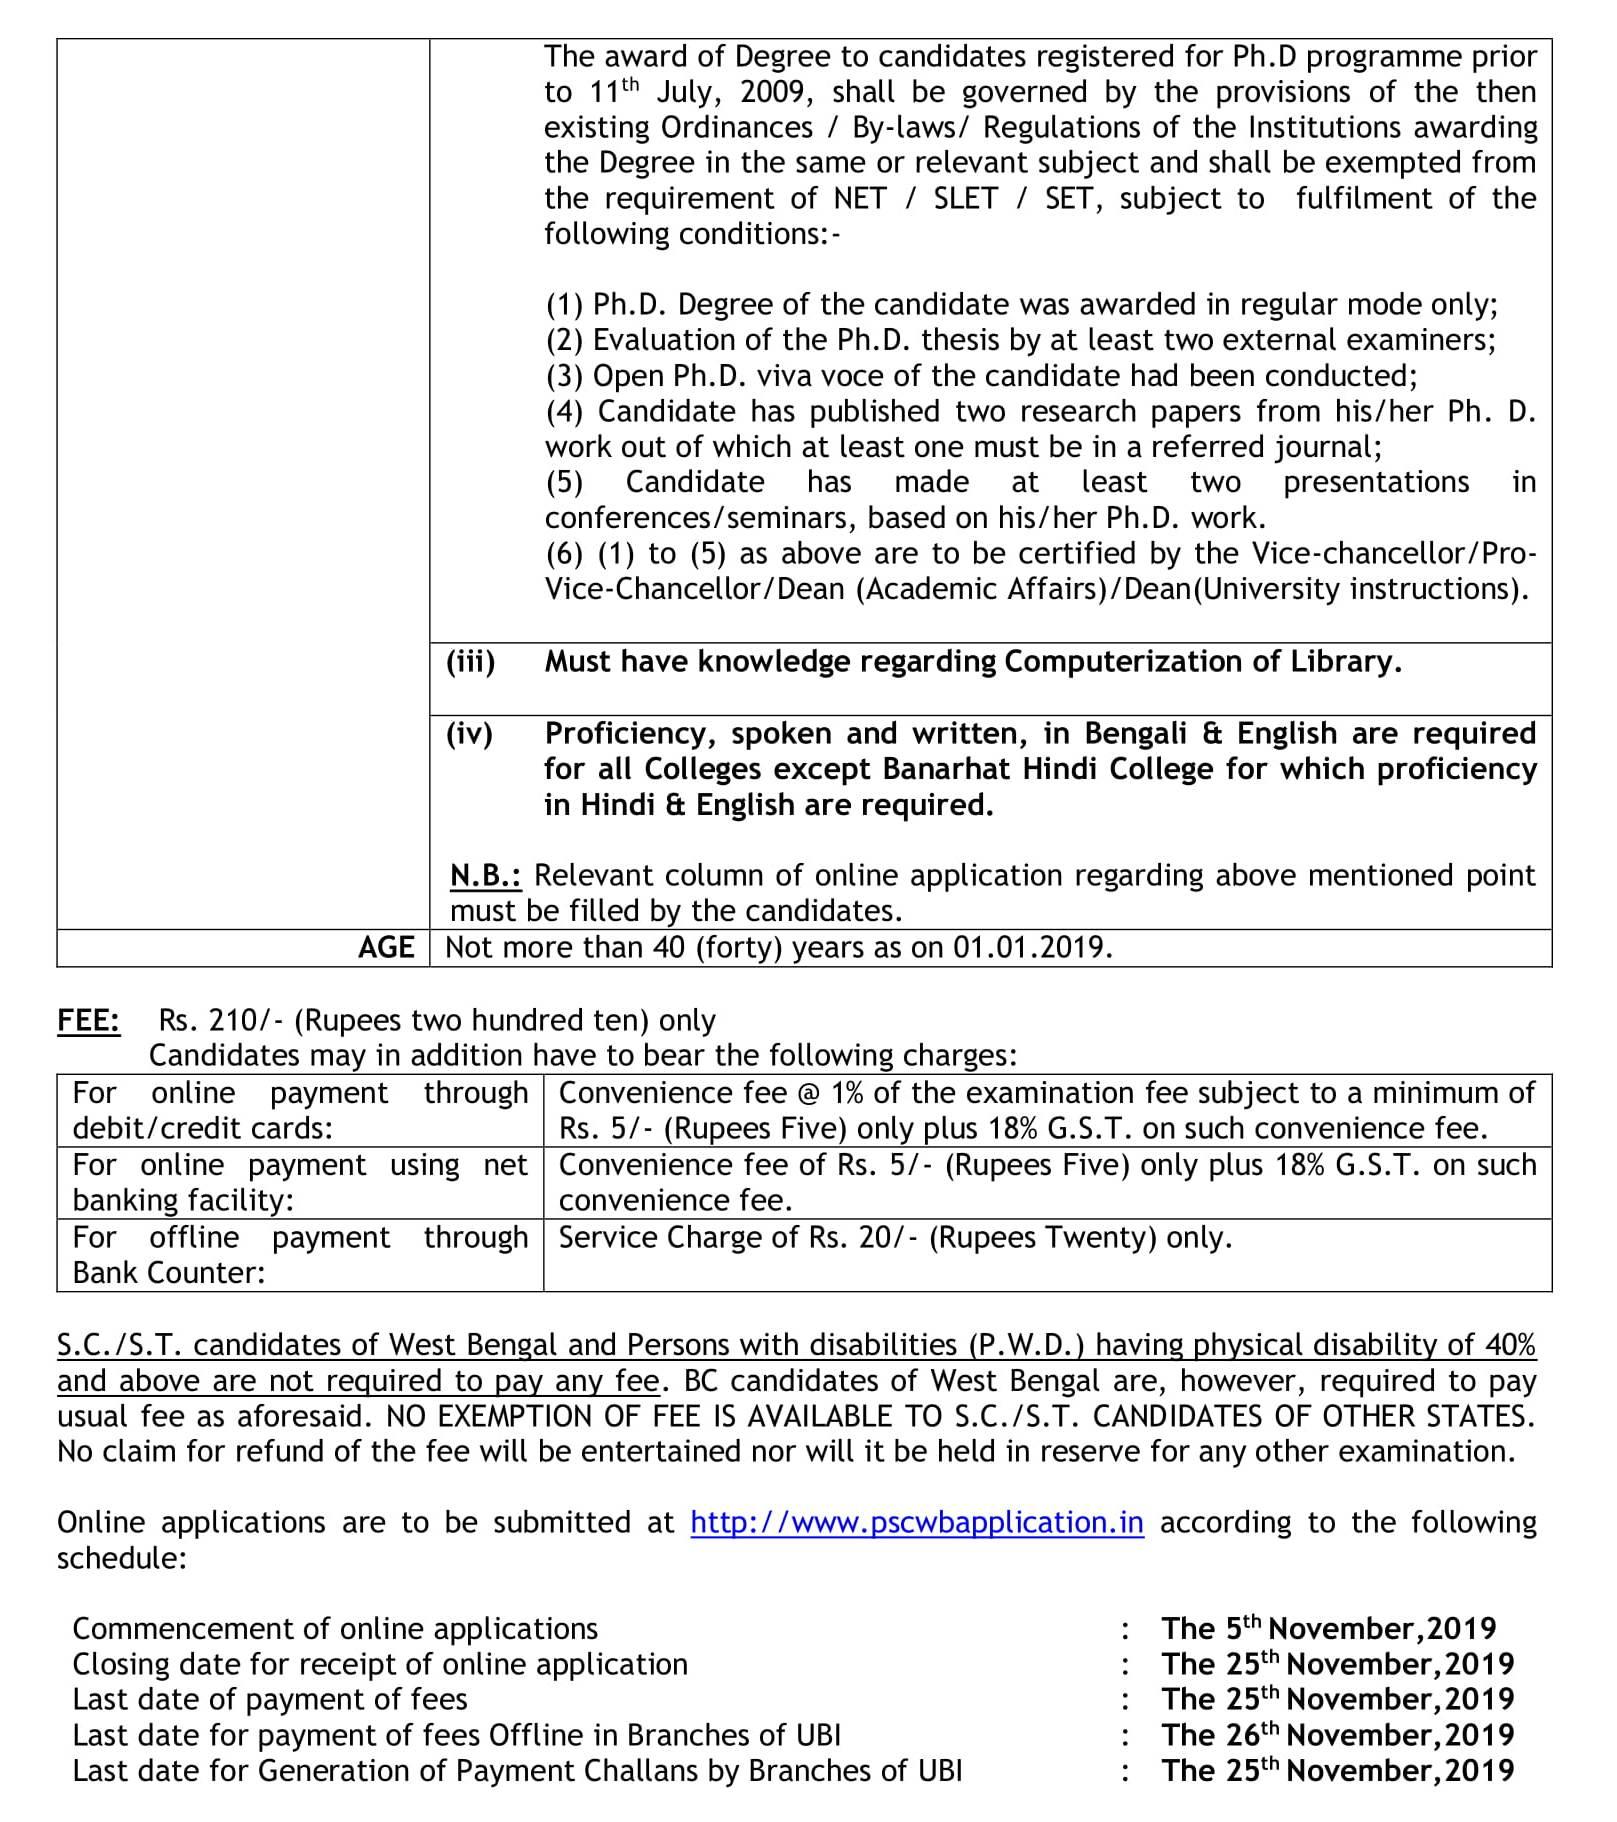 PUBLIC SERVICE COMMISSION, WEST BENGAL-2.jpg